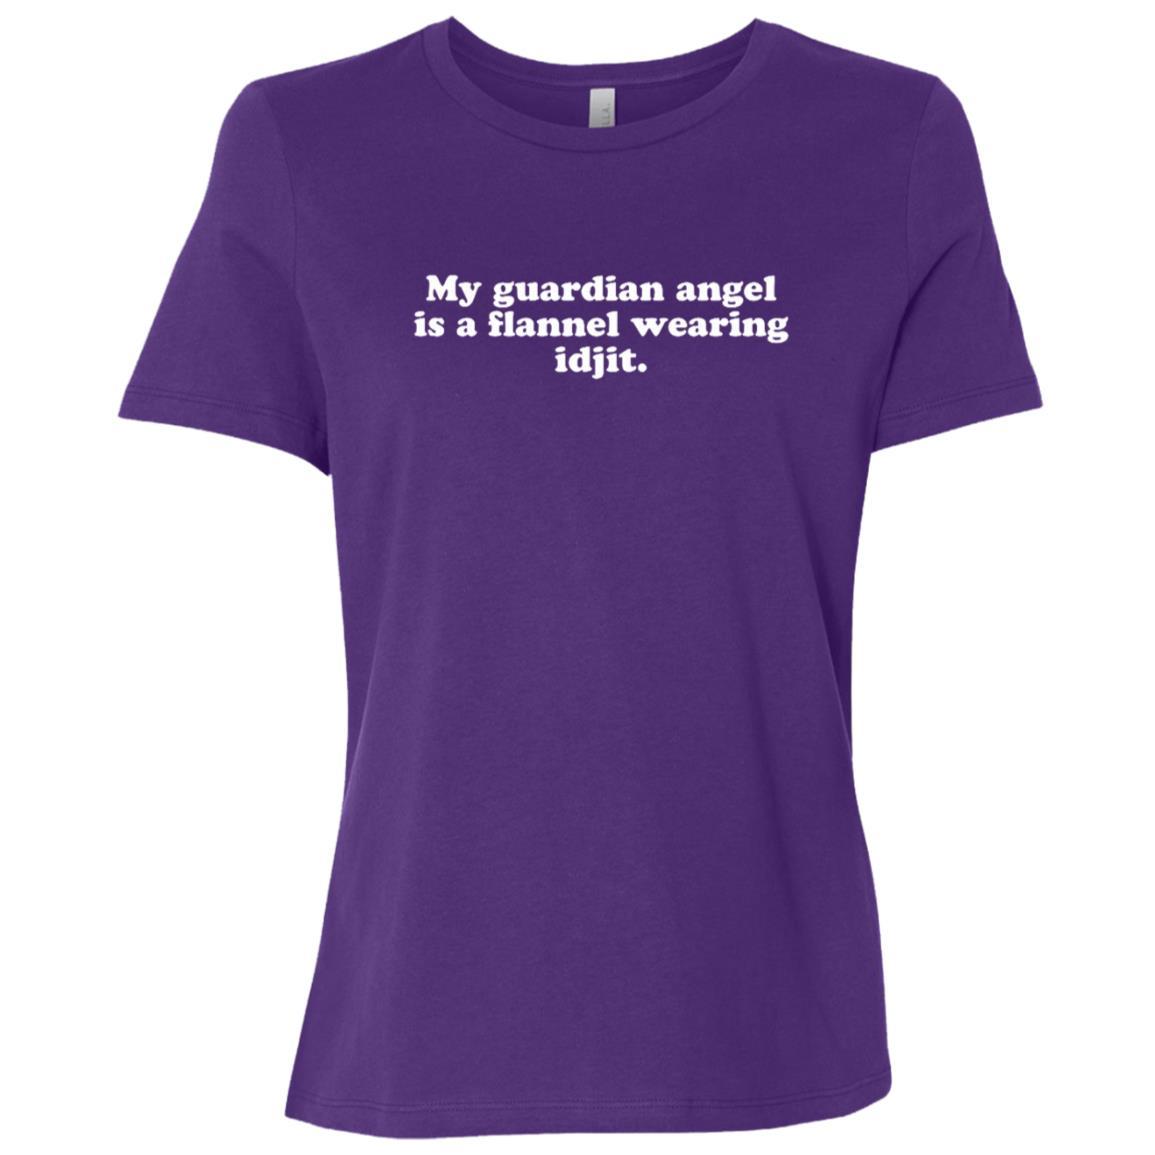 Flannel wearing Idjit supernatural spirit Women Short Sleeve T-Shirt